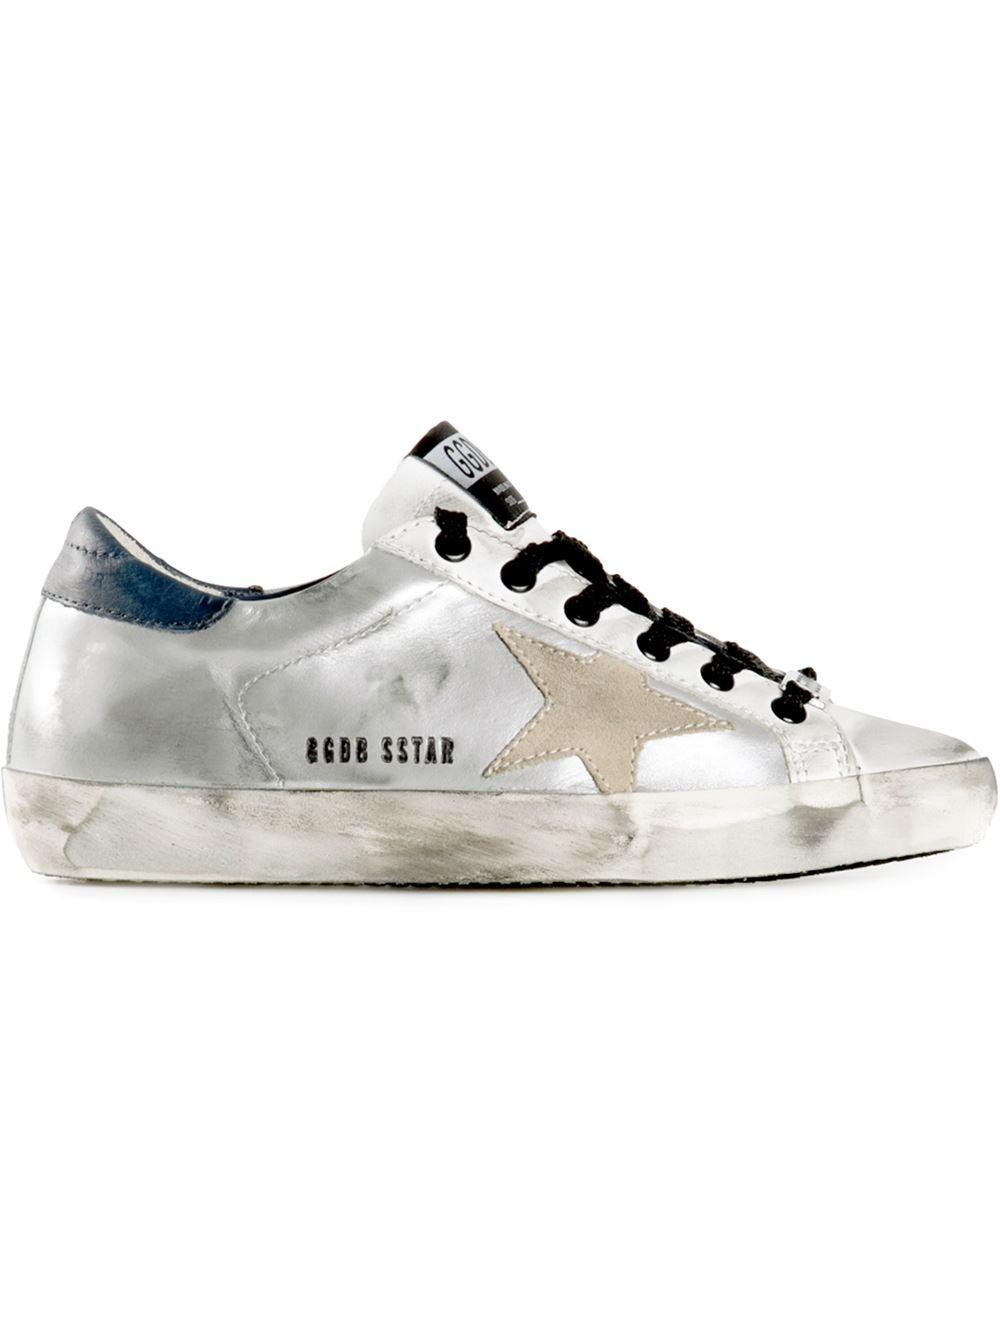 Golden Goose Deluxe Brand Super Star Leather Sneakers in Metallic